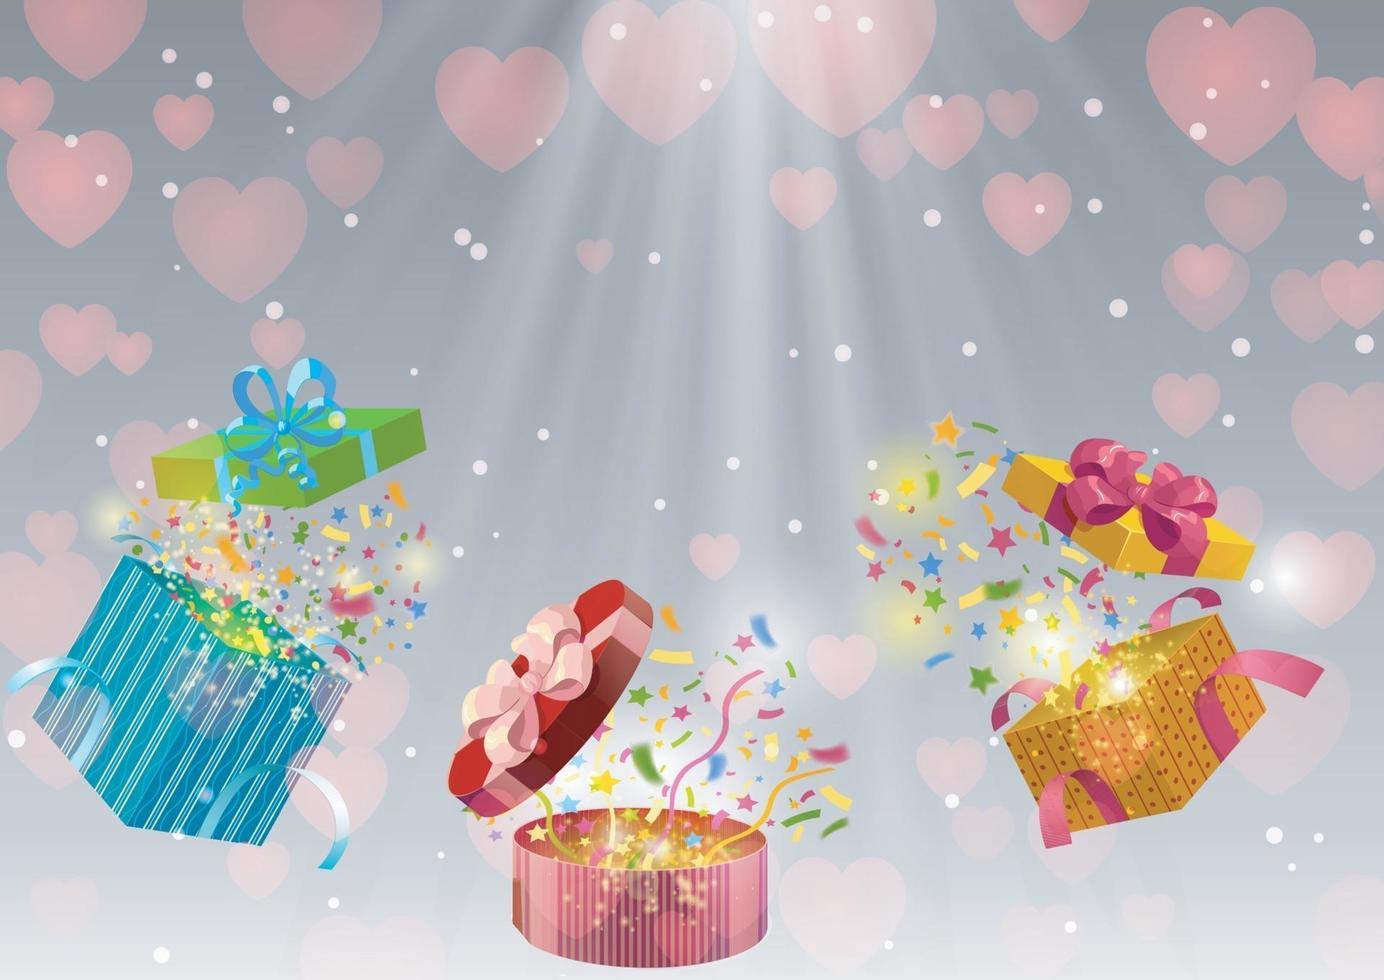 Valentijnsdag achtergrond met geschenkdoos onder schijnwerpers vector